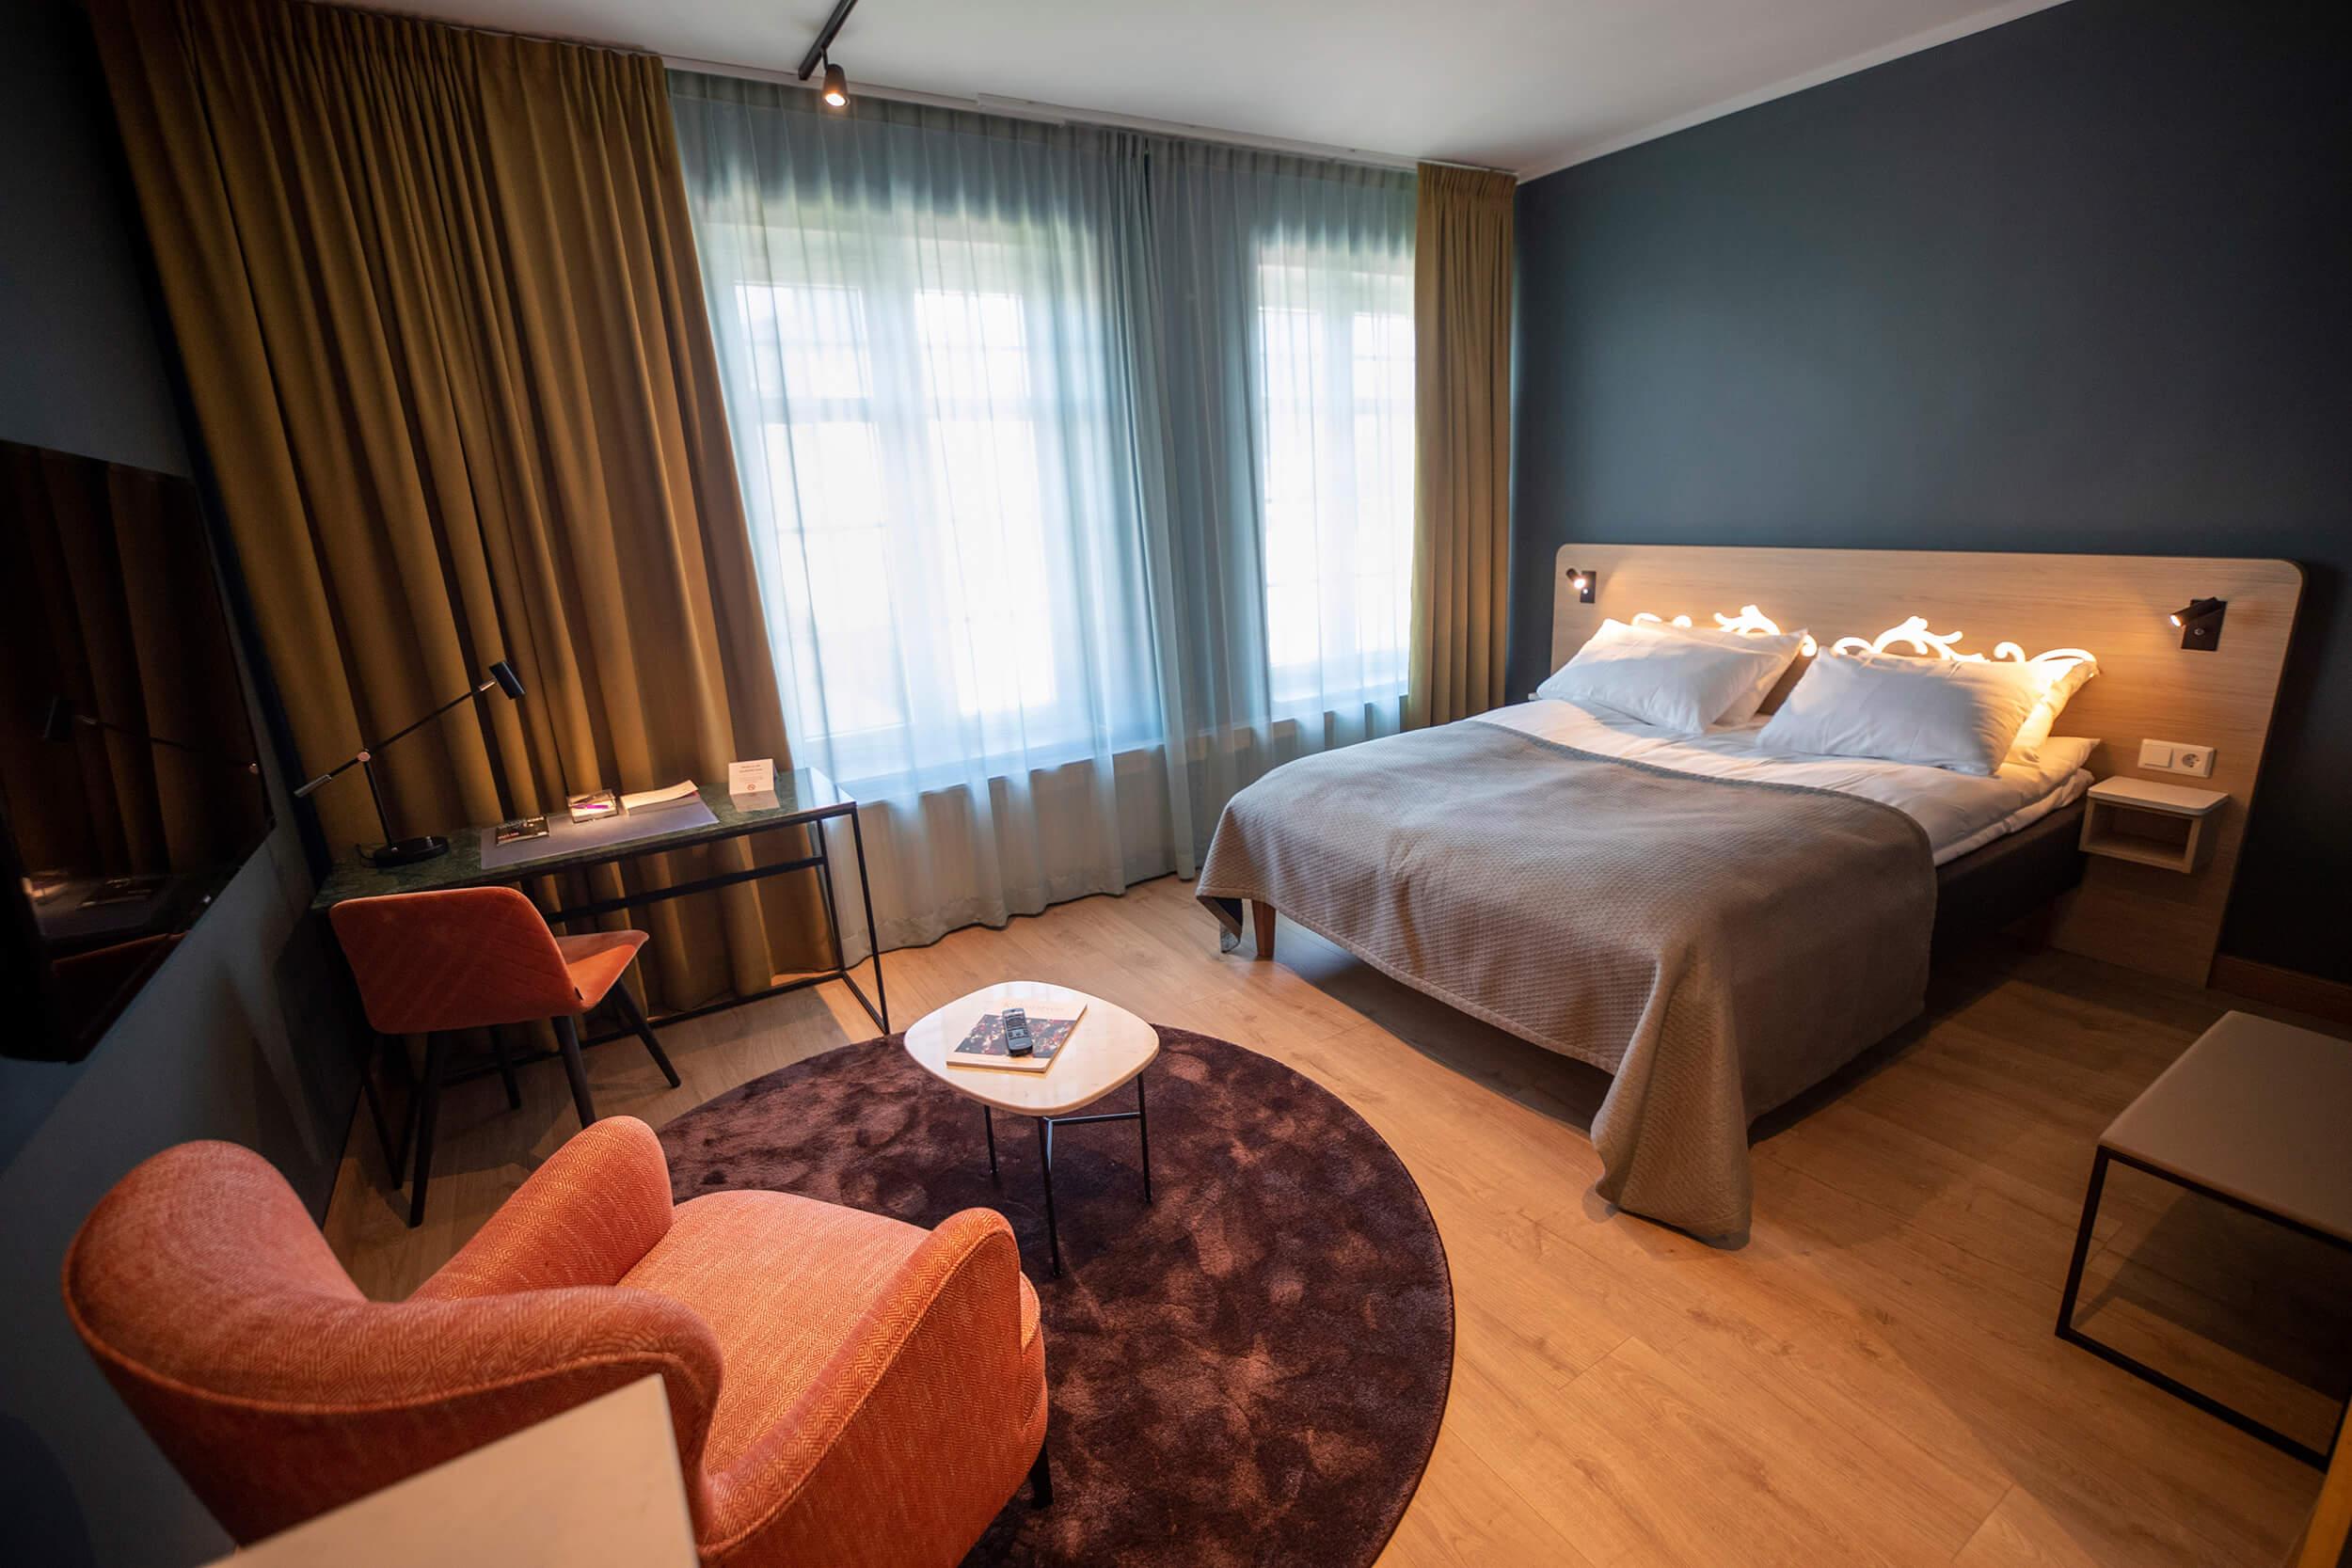 Hotellrom med dobbelseng, bord og stoler